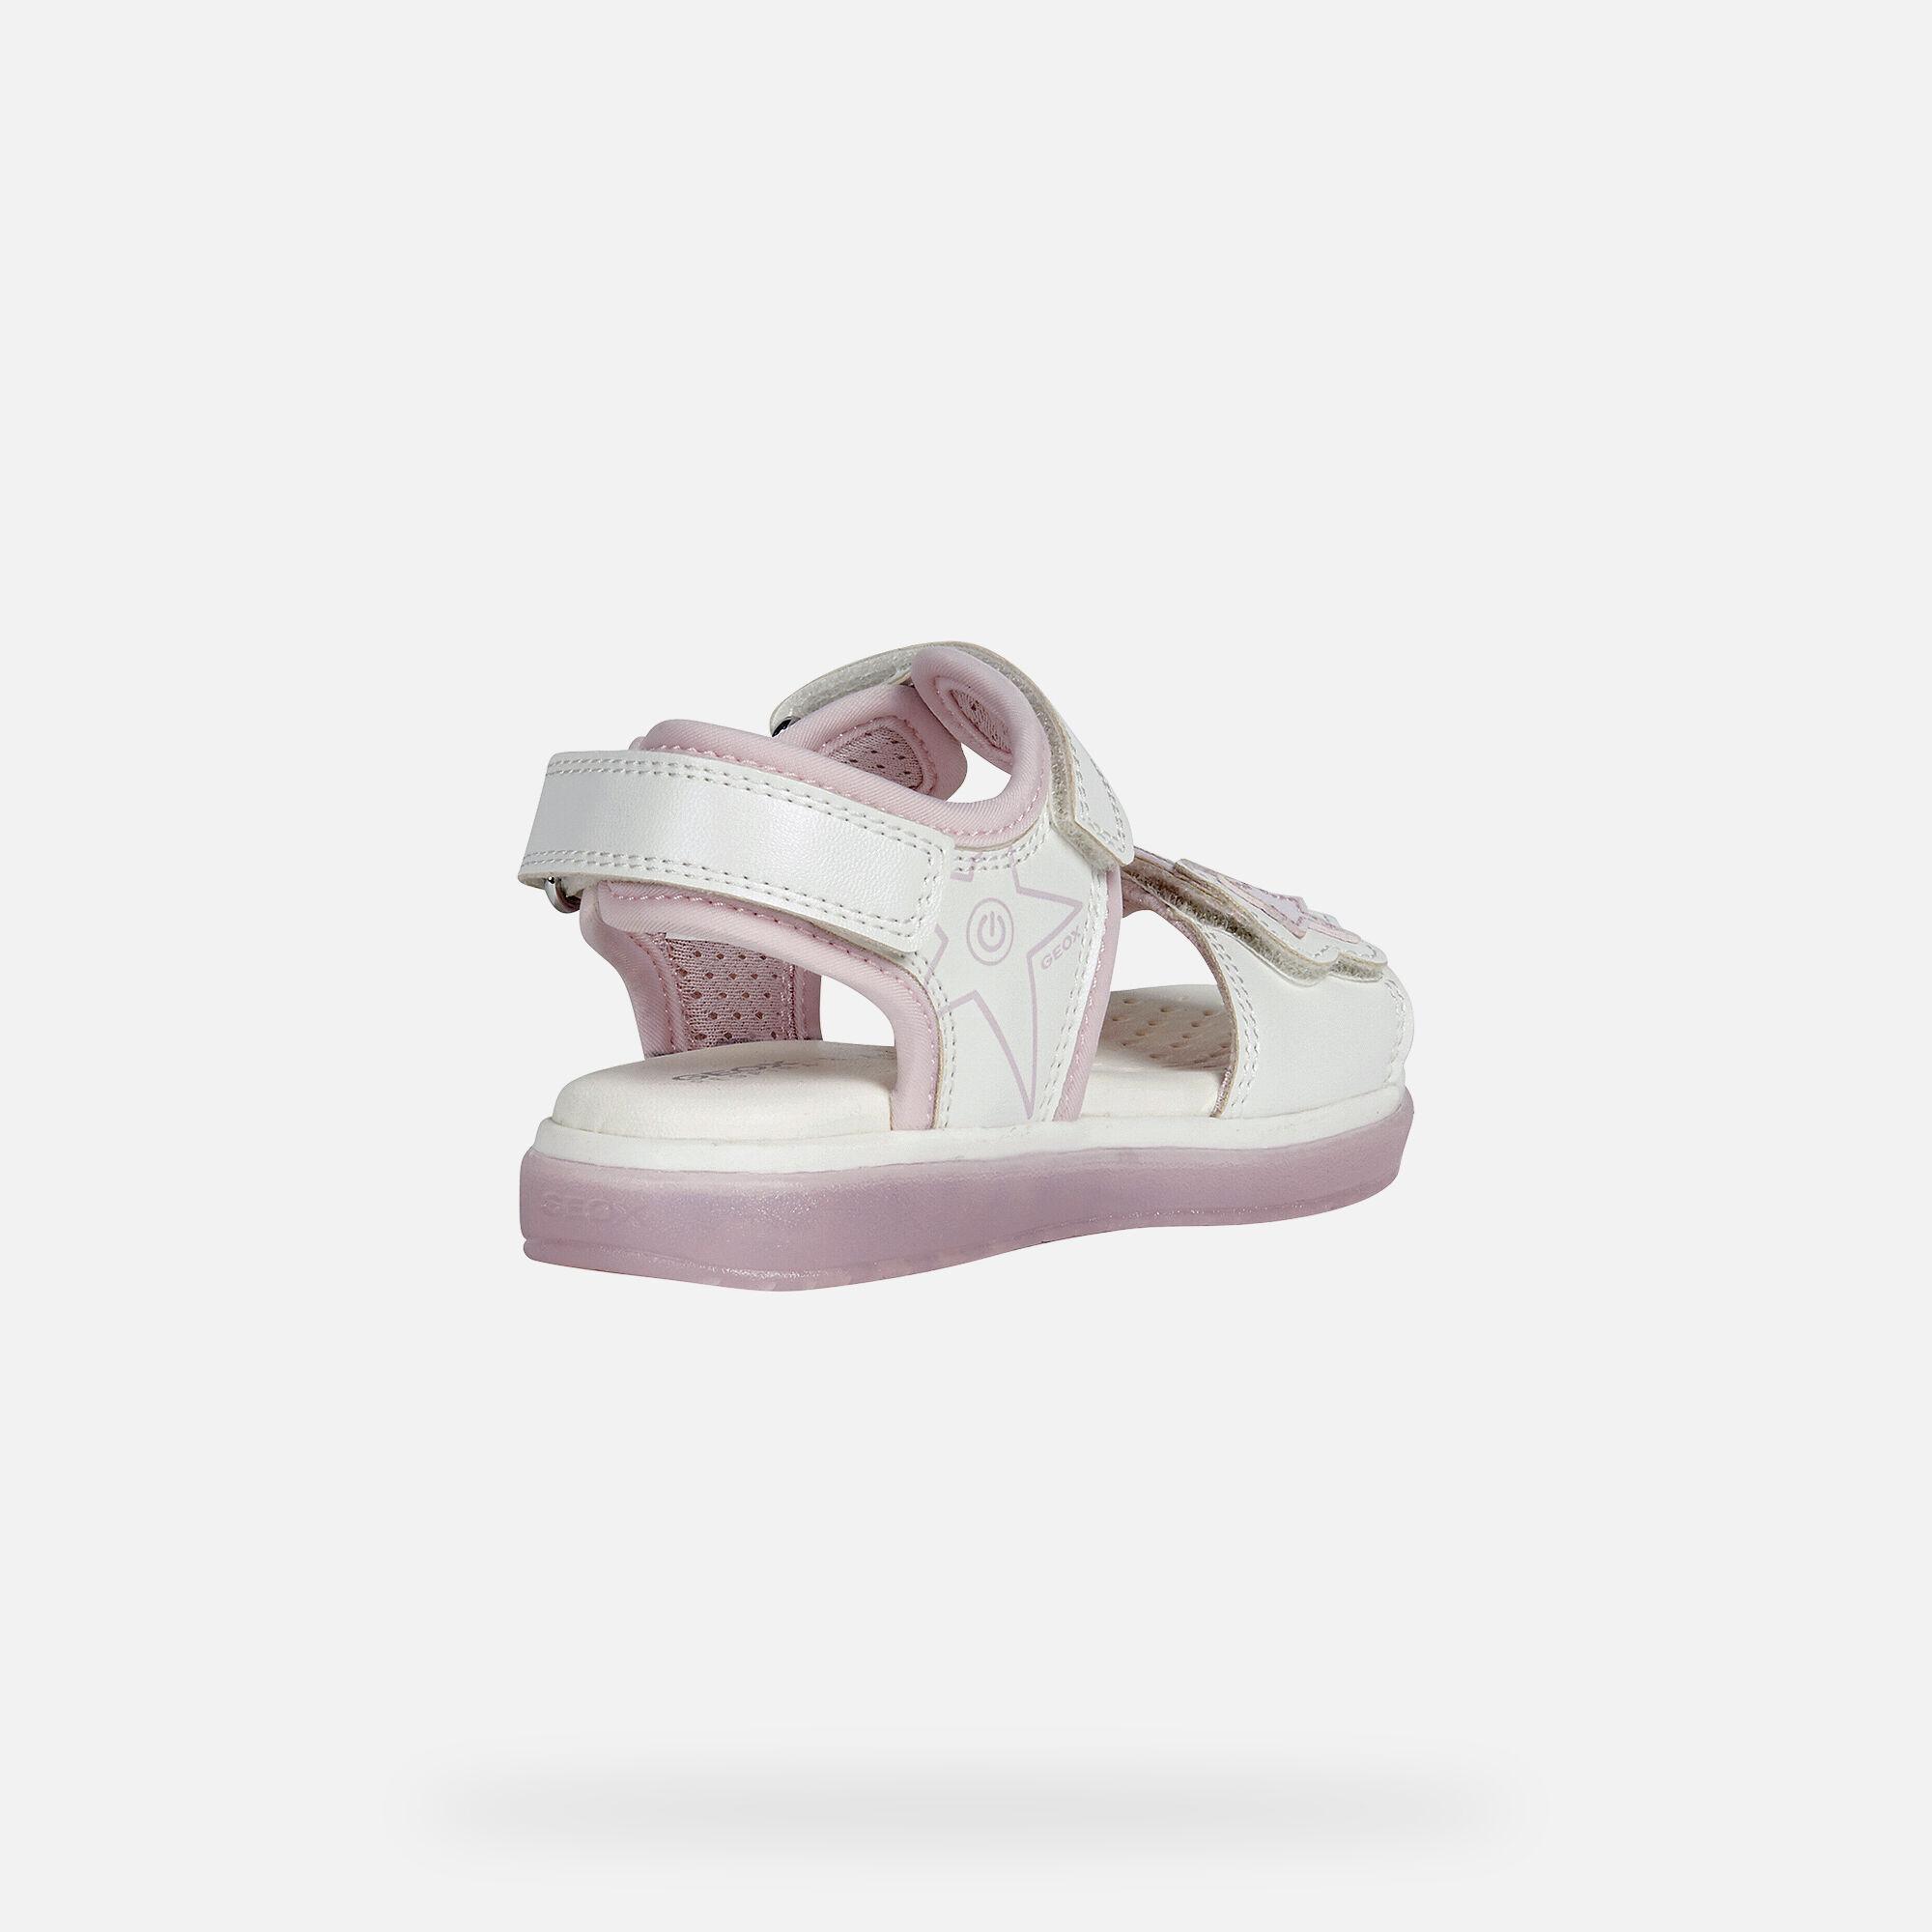 Geox BLIKK Girl: White Sandals   Geox